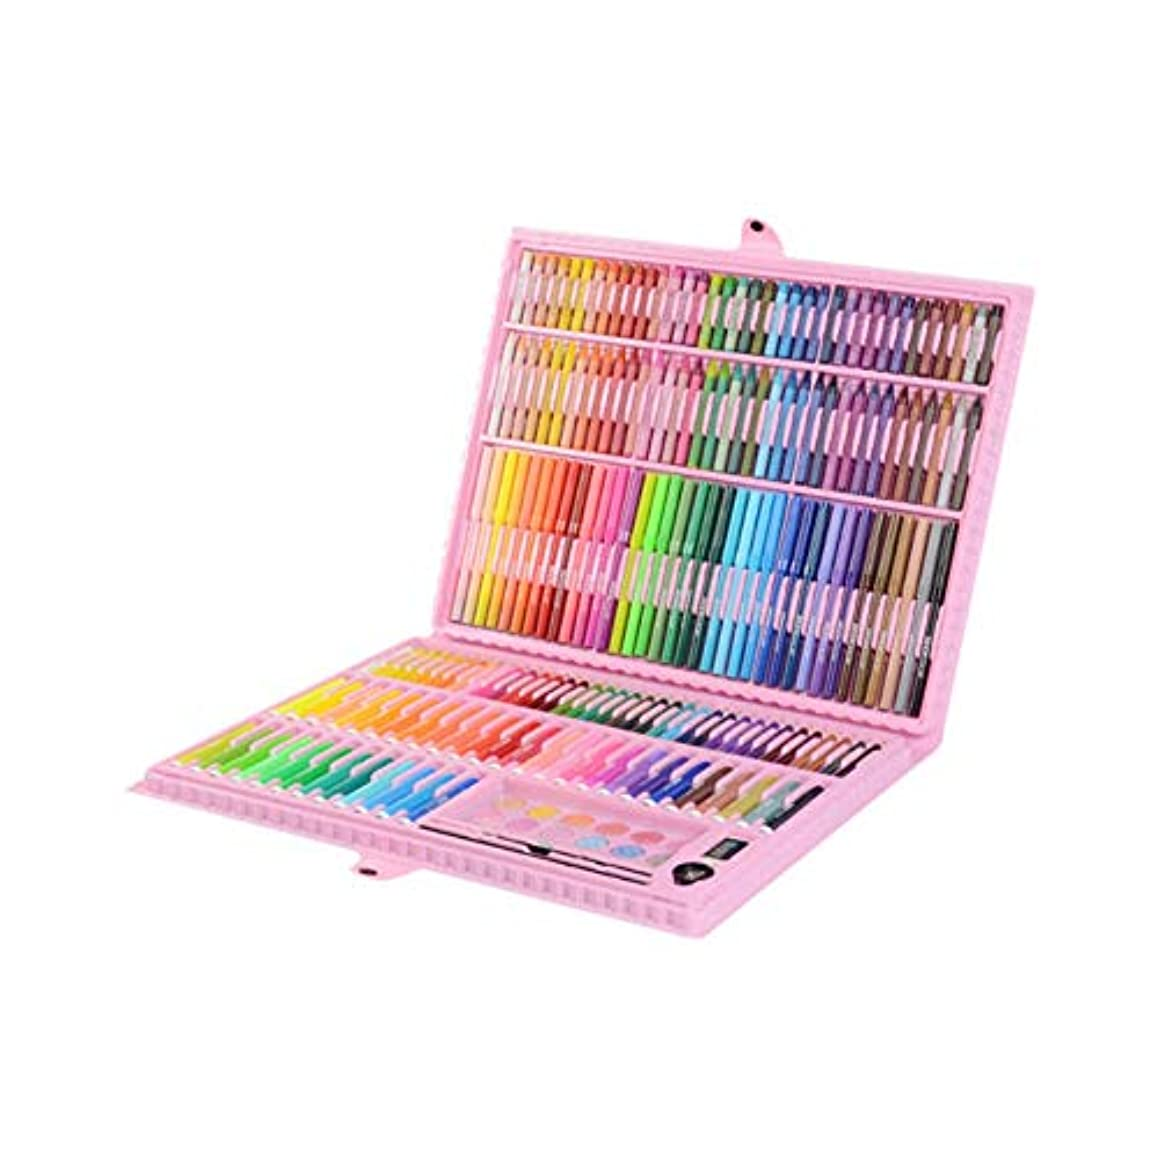 アドバイス時々時々踏みつけAishanghuayi001 ペイントブラシ、学生用ブラシセット202色の36色塗装セット、環境にやさしい素材を使用して練習用の塗装セットを作成(202個36色、39 * 5 * 29cm) 安全と環境保護 (Color : Pink, Size : 39*5*29cm)